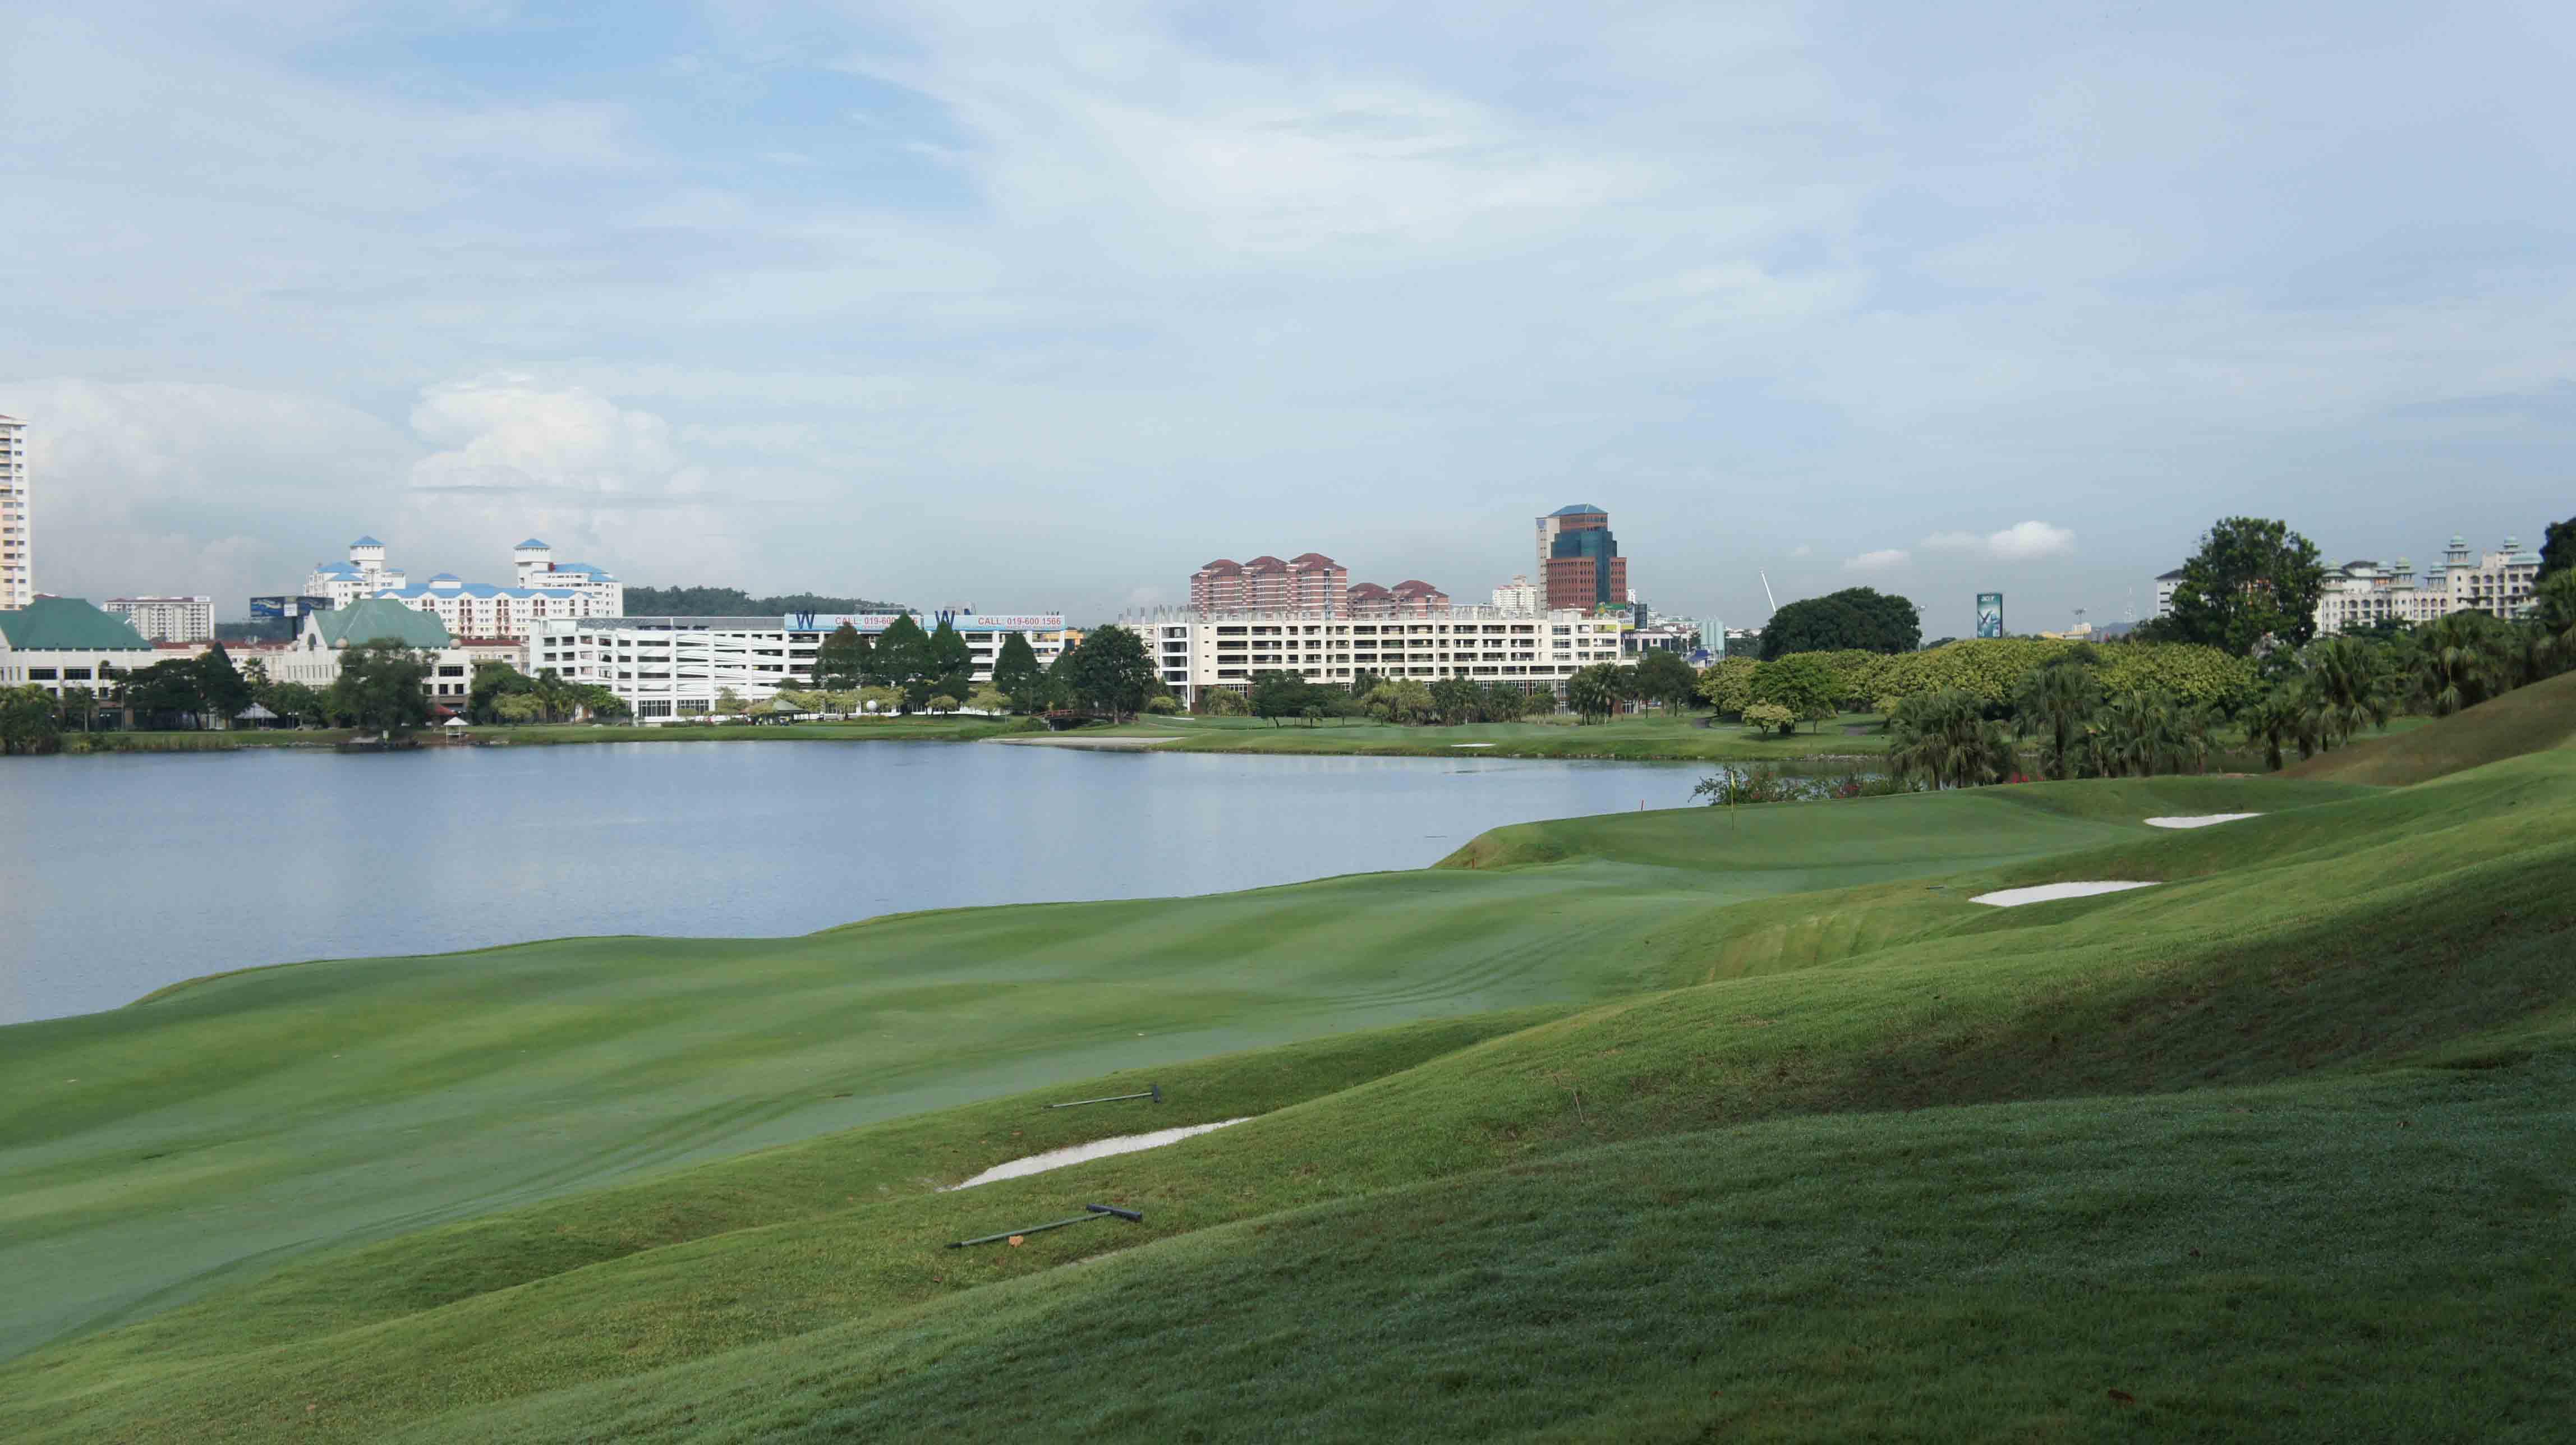 マレーシア:クアラルンプールゴルフ,ザ・マインズリゾート&ゴルフクラブ